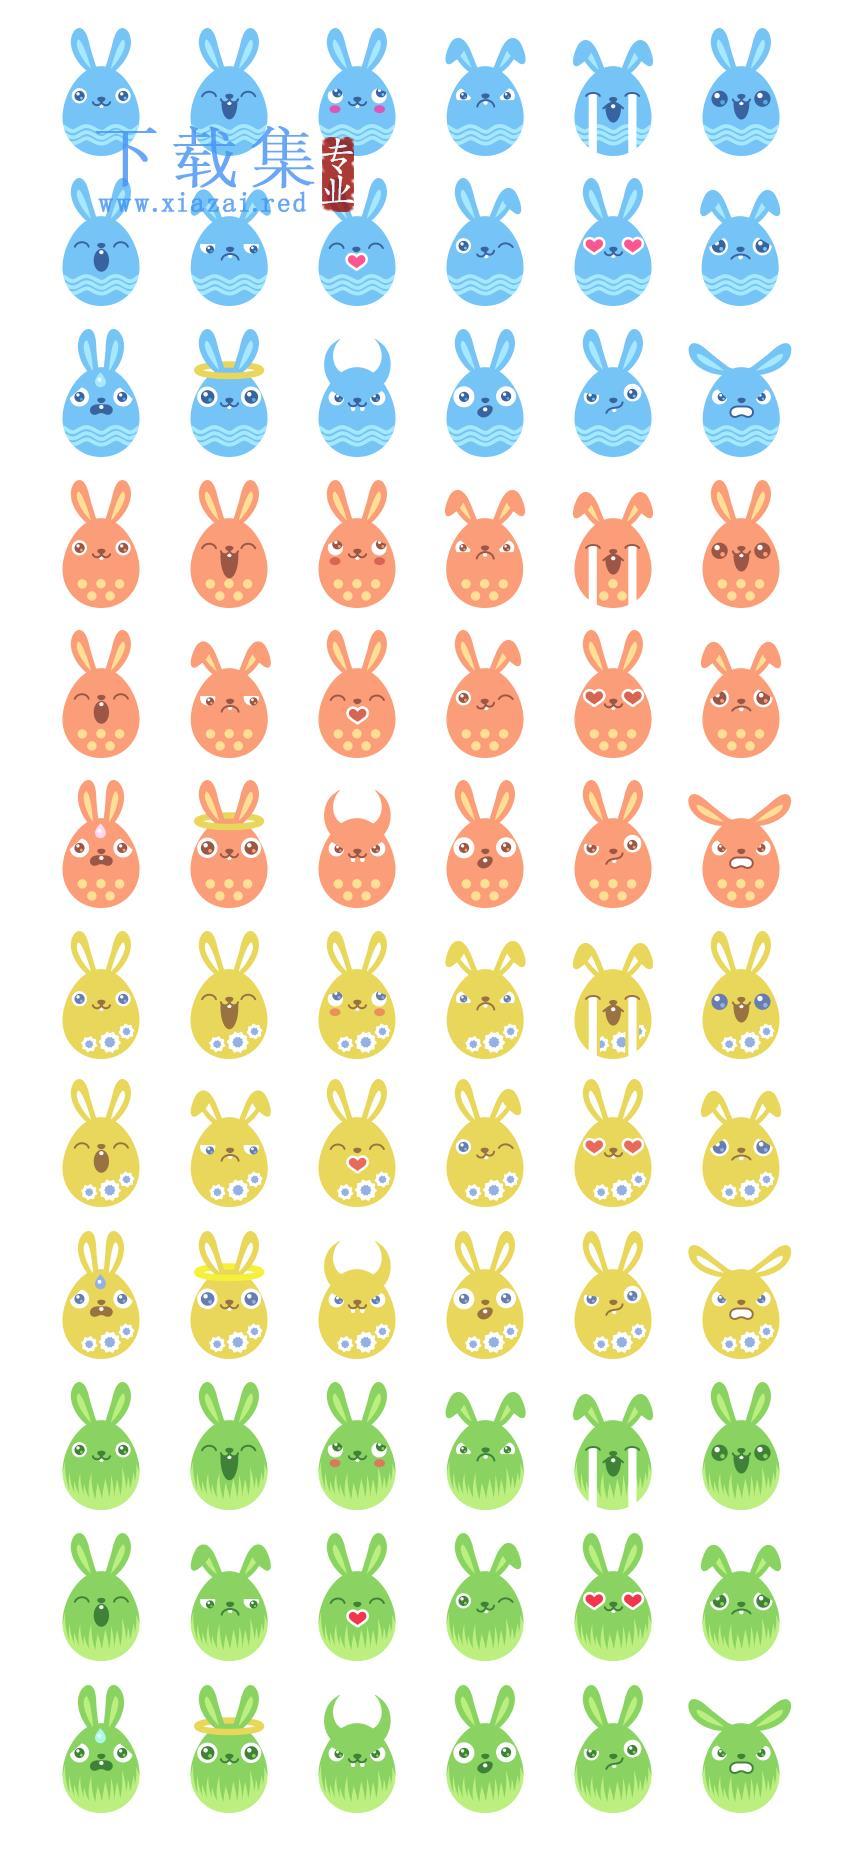 复活节可爱兔子的表情PNG免抠图透明素材